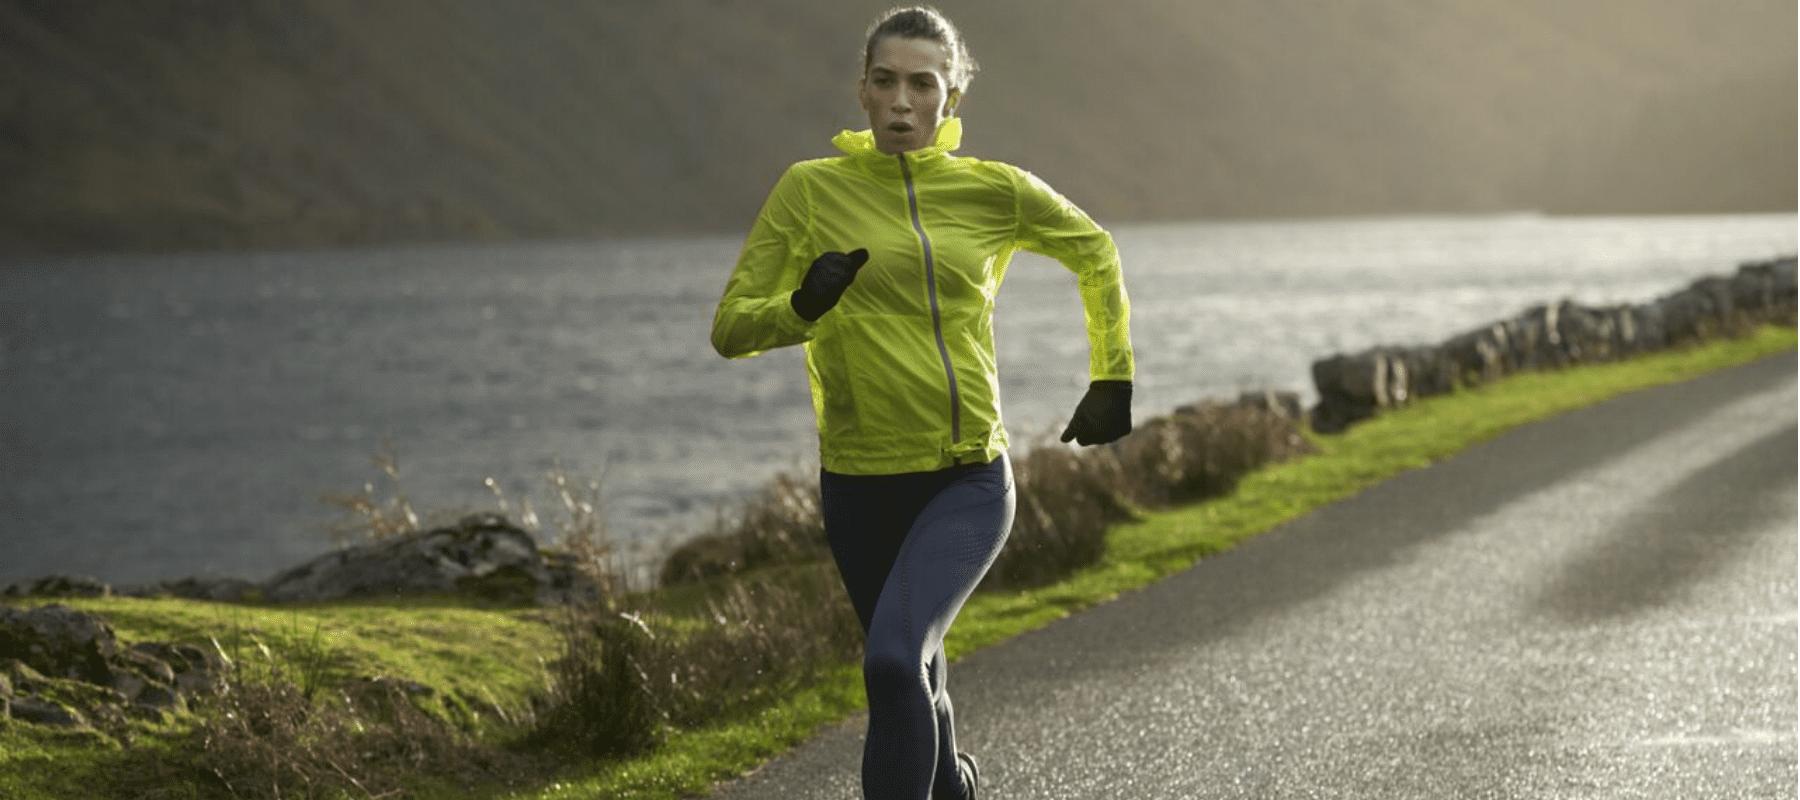 Suplementy dla biegaczy | Dieta biegacza